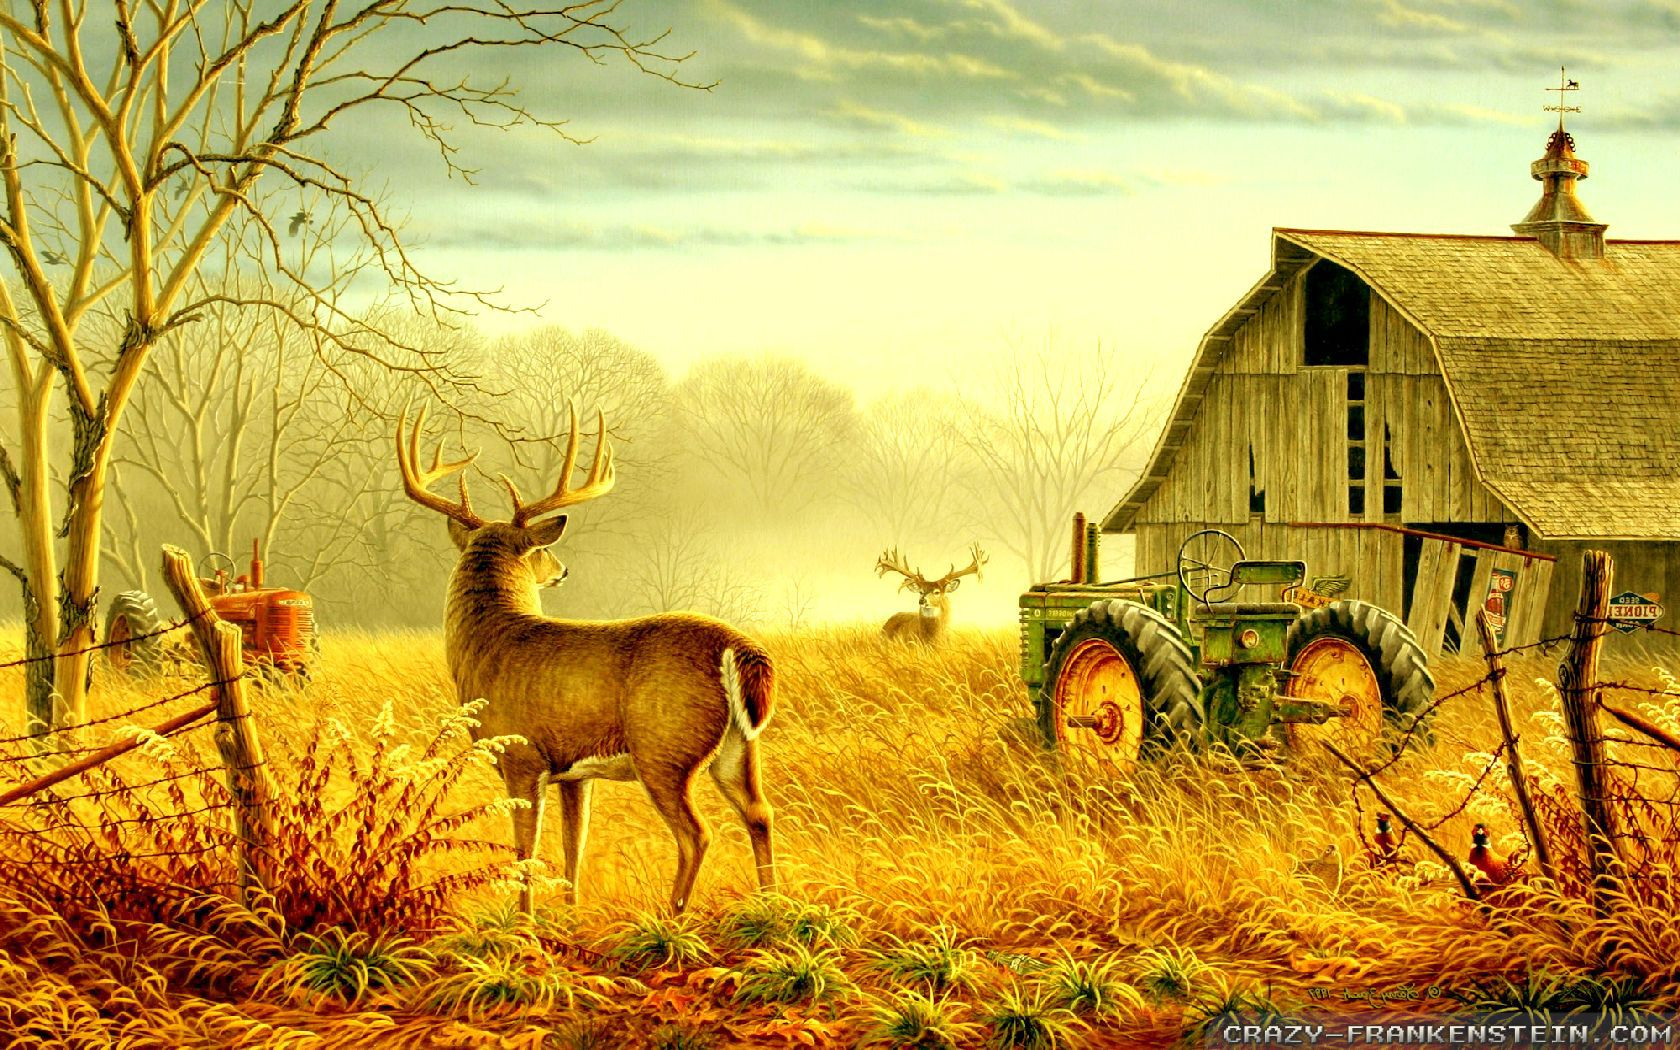 Autumn Scenes wallpapers   Seasonal   Crazy Frankenstein 1680x1050